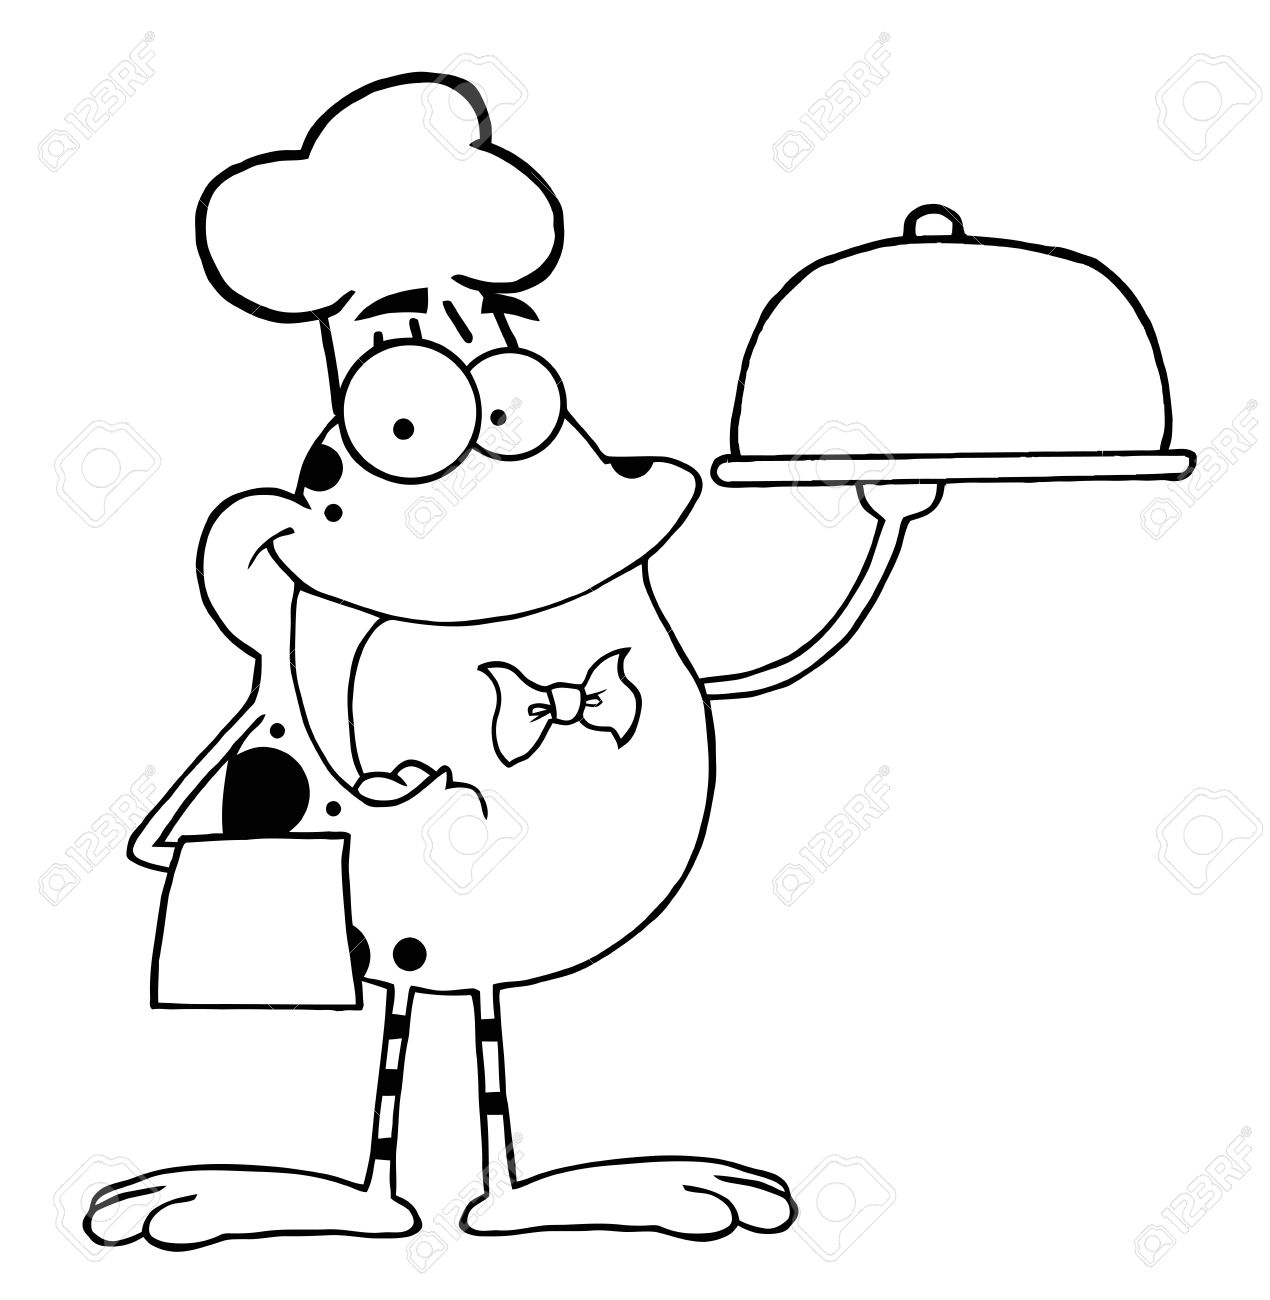 Esbozadas Rana Cartoon Mascota Carácter Chef Servir Comida En Un Plato De Astillas